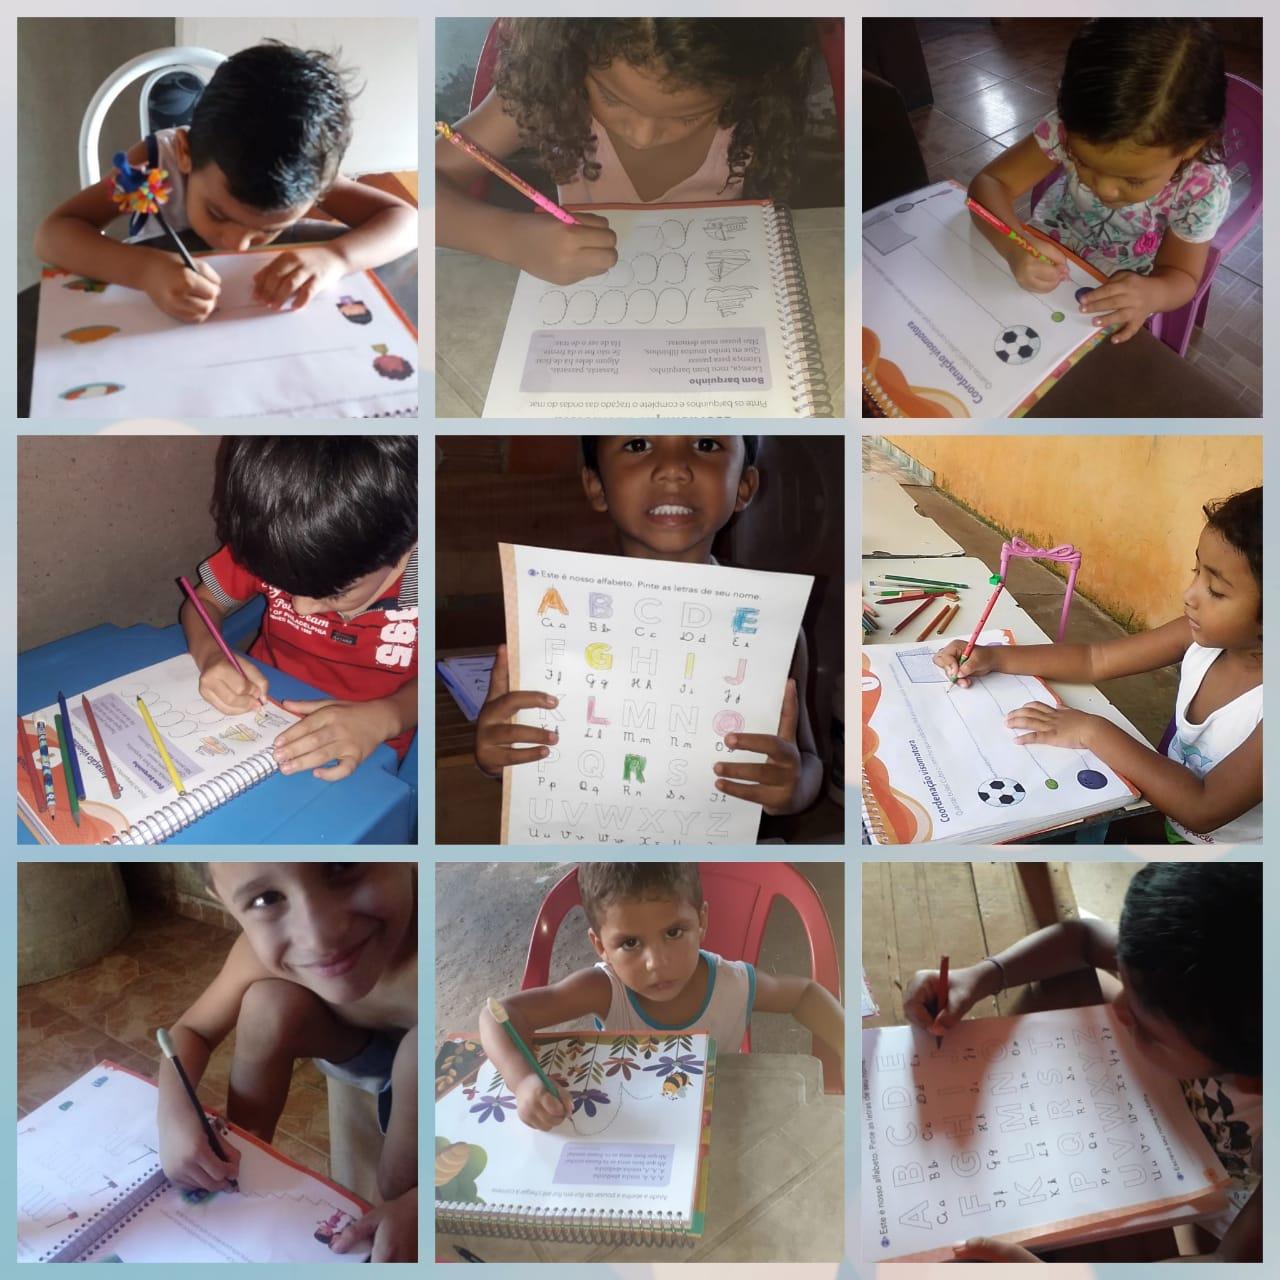 Escolas municipais de Parnaíba usam tecnologia para manter rotina de aprendizado dos estudantes